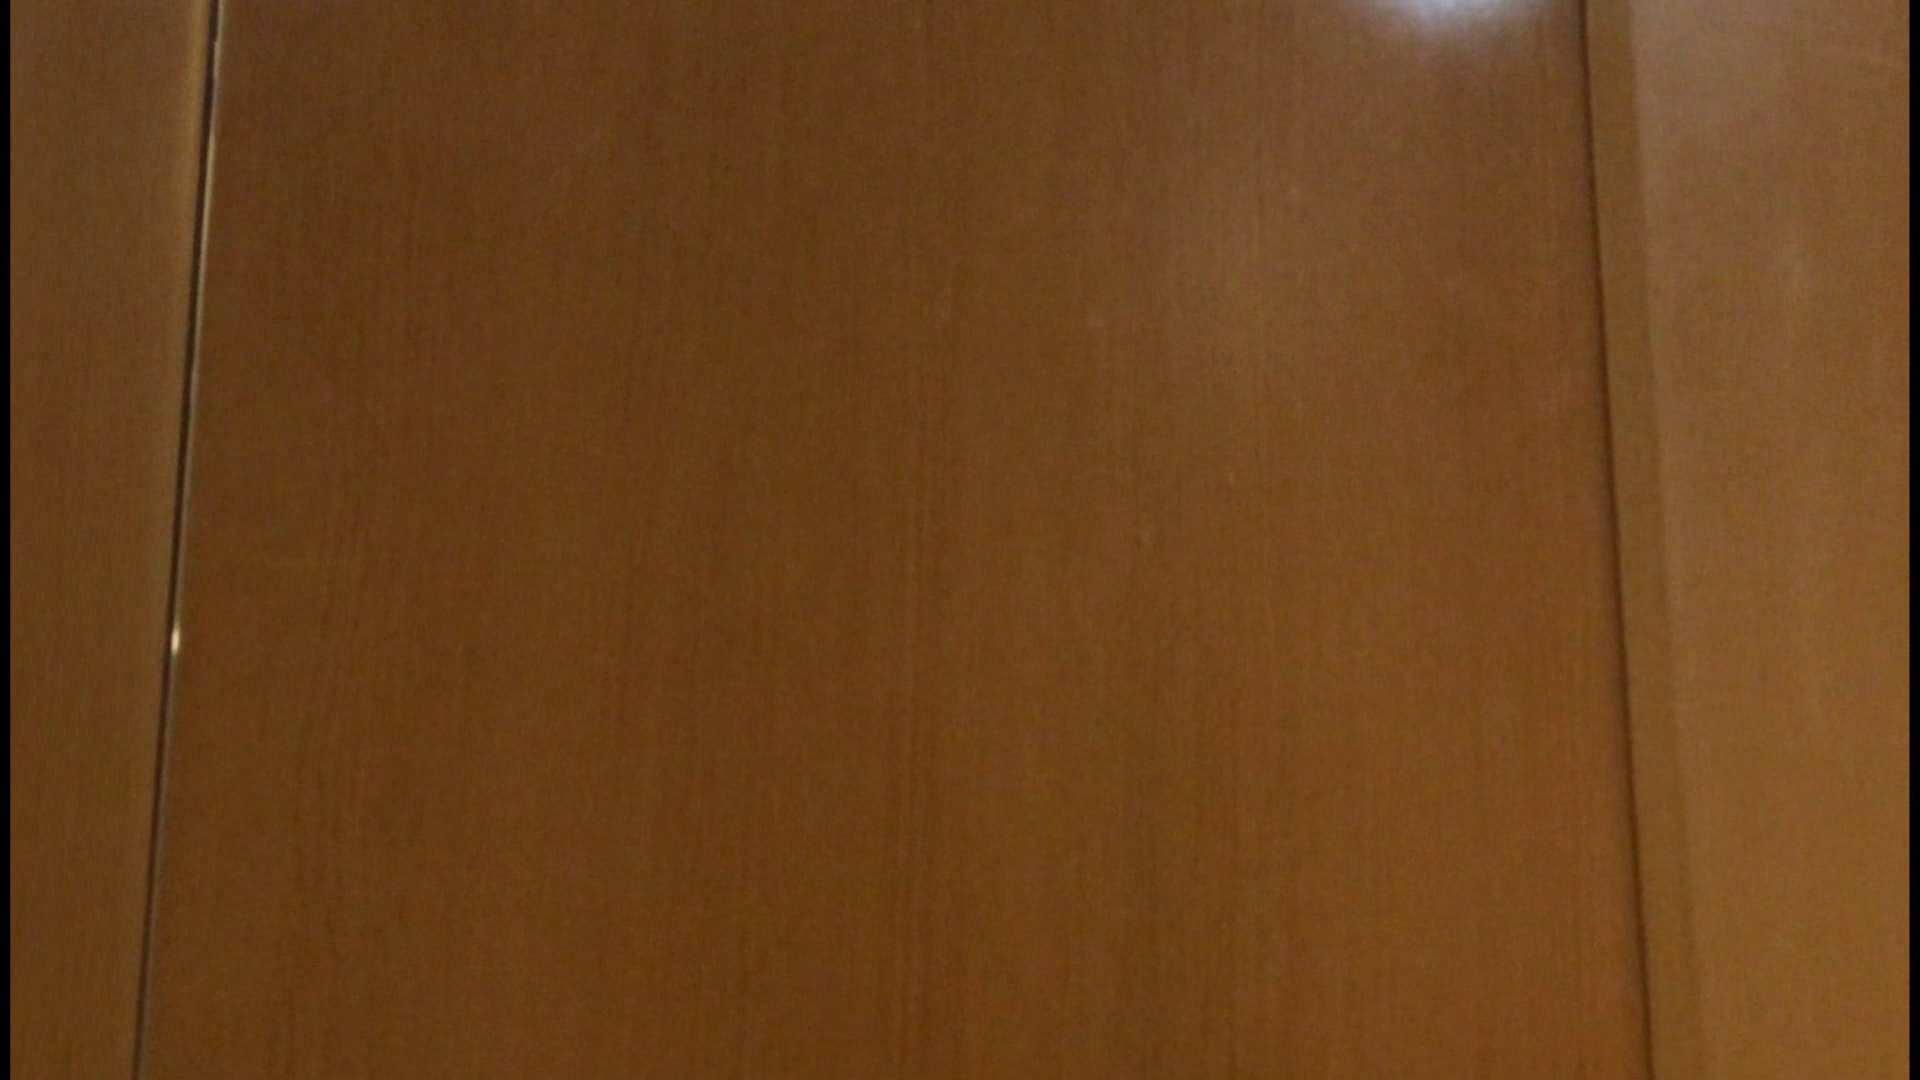 「噂」の国の厠観察日記2 Vol.08 OLハメ撮り  111Pix 14